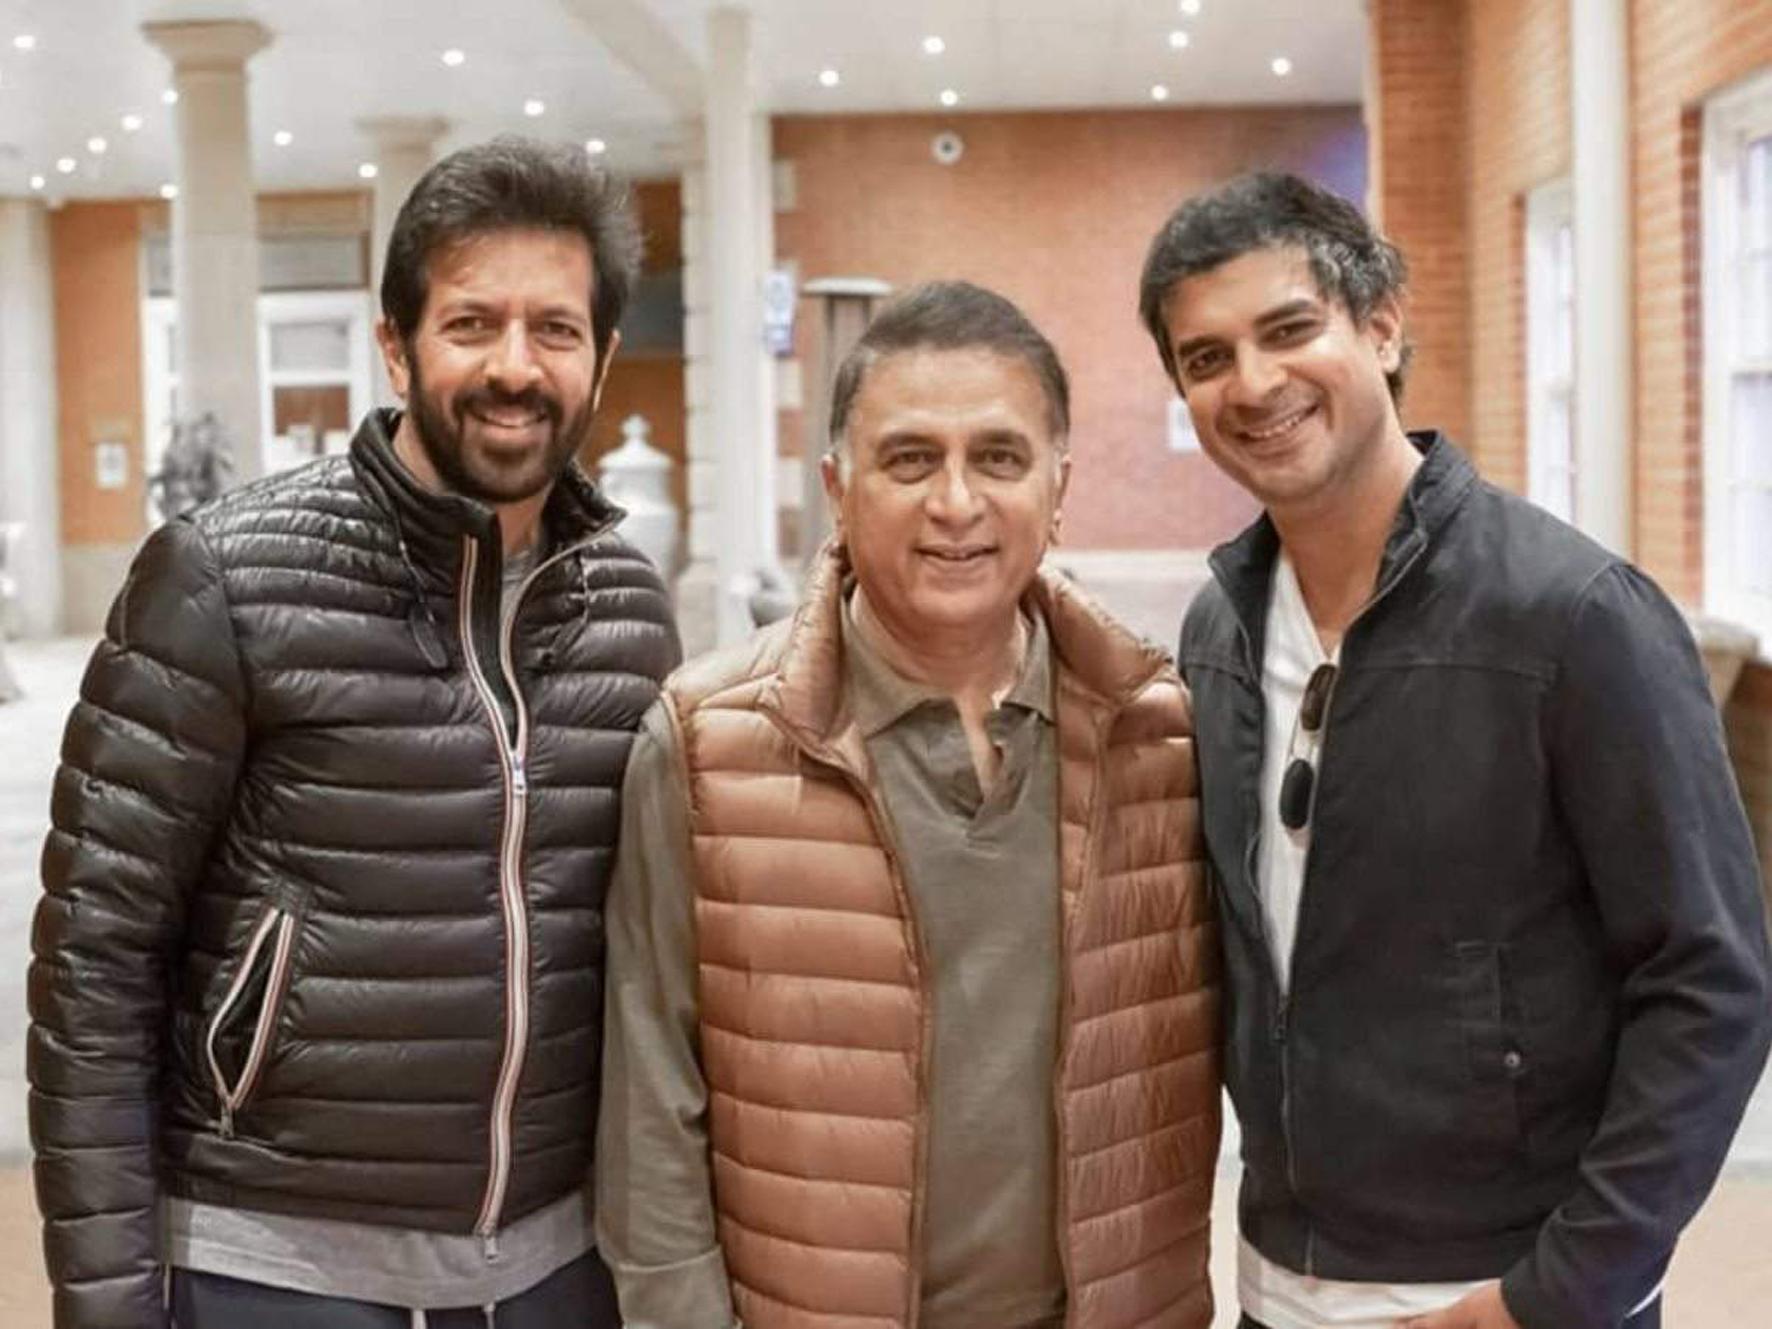 Kabir Khan, Sunil Gavaskar and Tahir Raj Bhasin